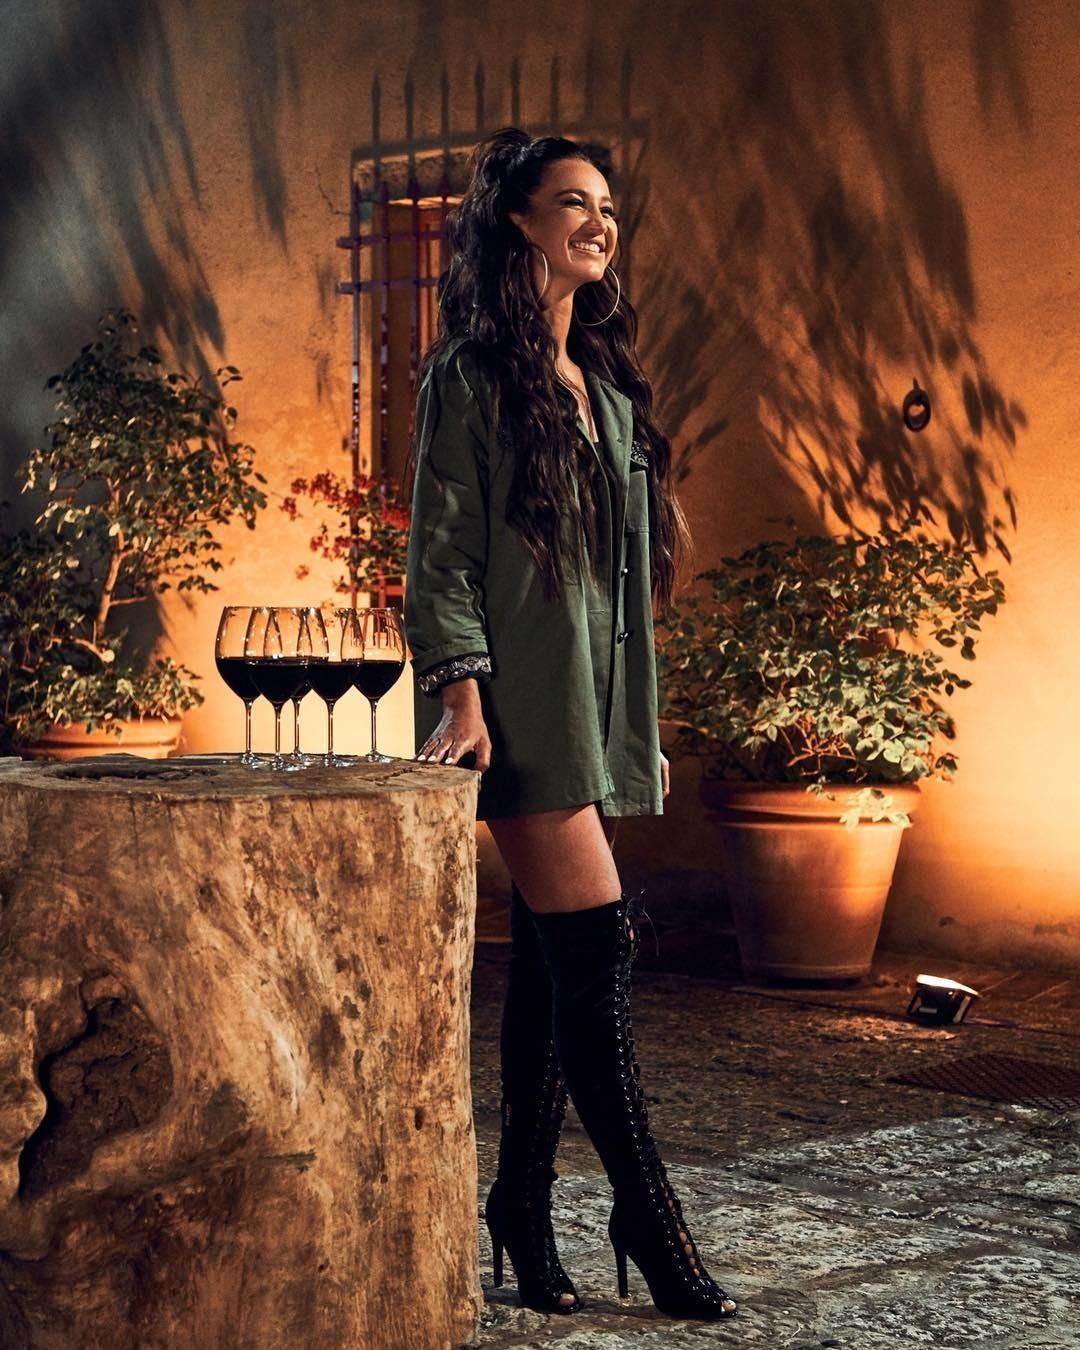 У Ольги Бузовой прекрасная стройная фигура, девушка просто потрясающе смотрелась всарафанах излетящей ткани иплатьях сцветочным принтом. Непонятно, зачем портить природную красоту фиг...